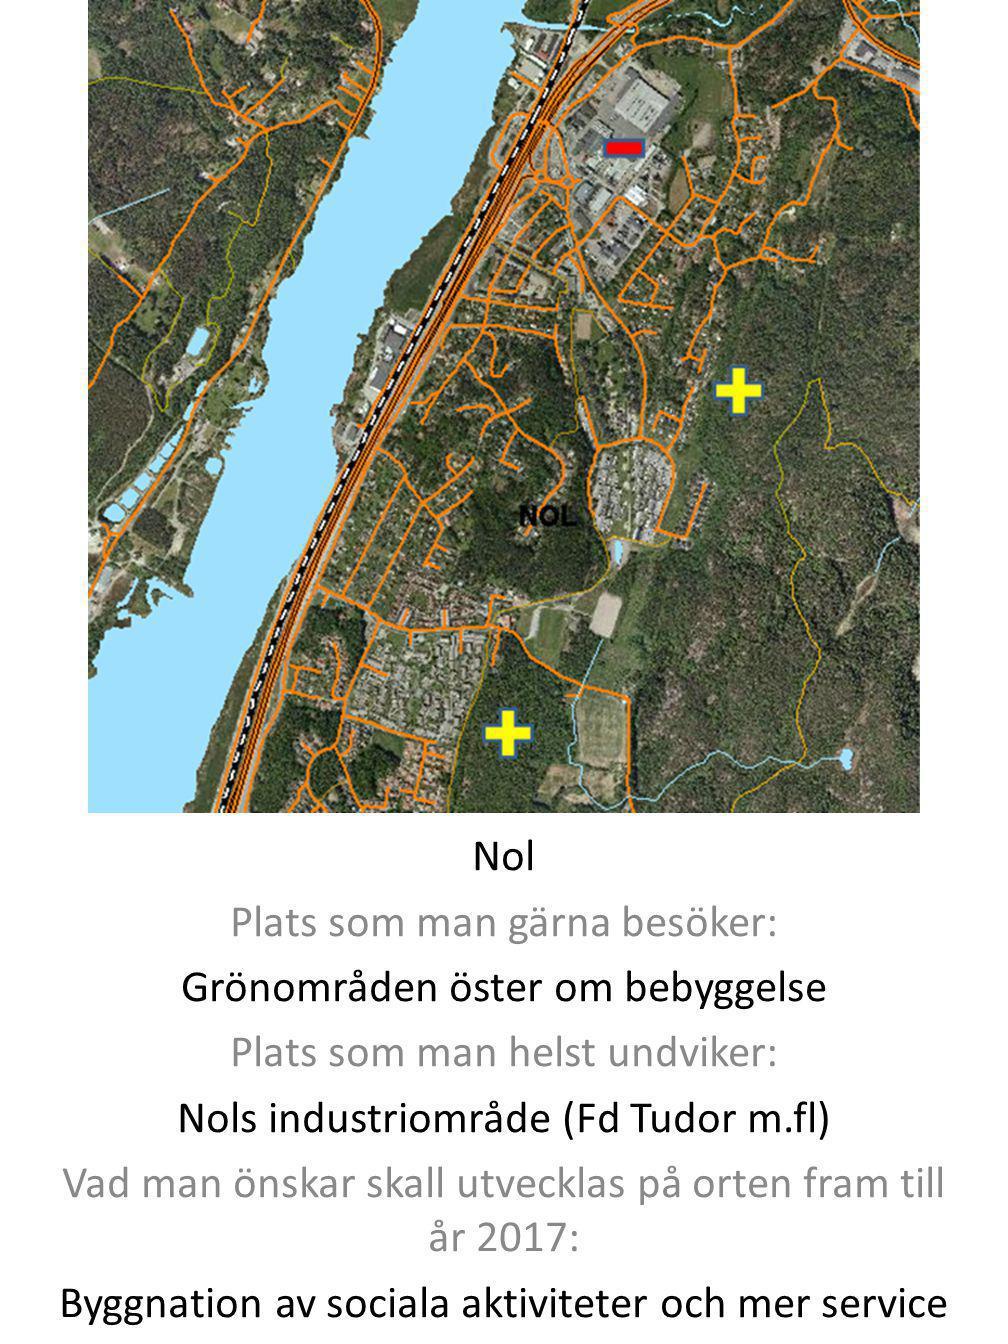 Plats som man gärna besöker: Grönområden öster om bebyggelse